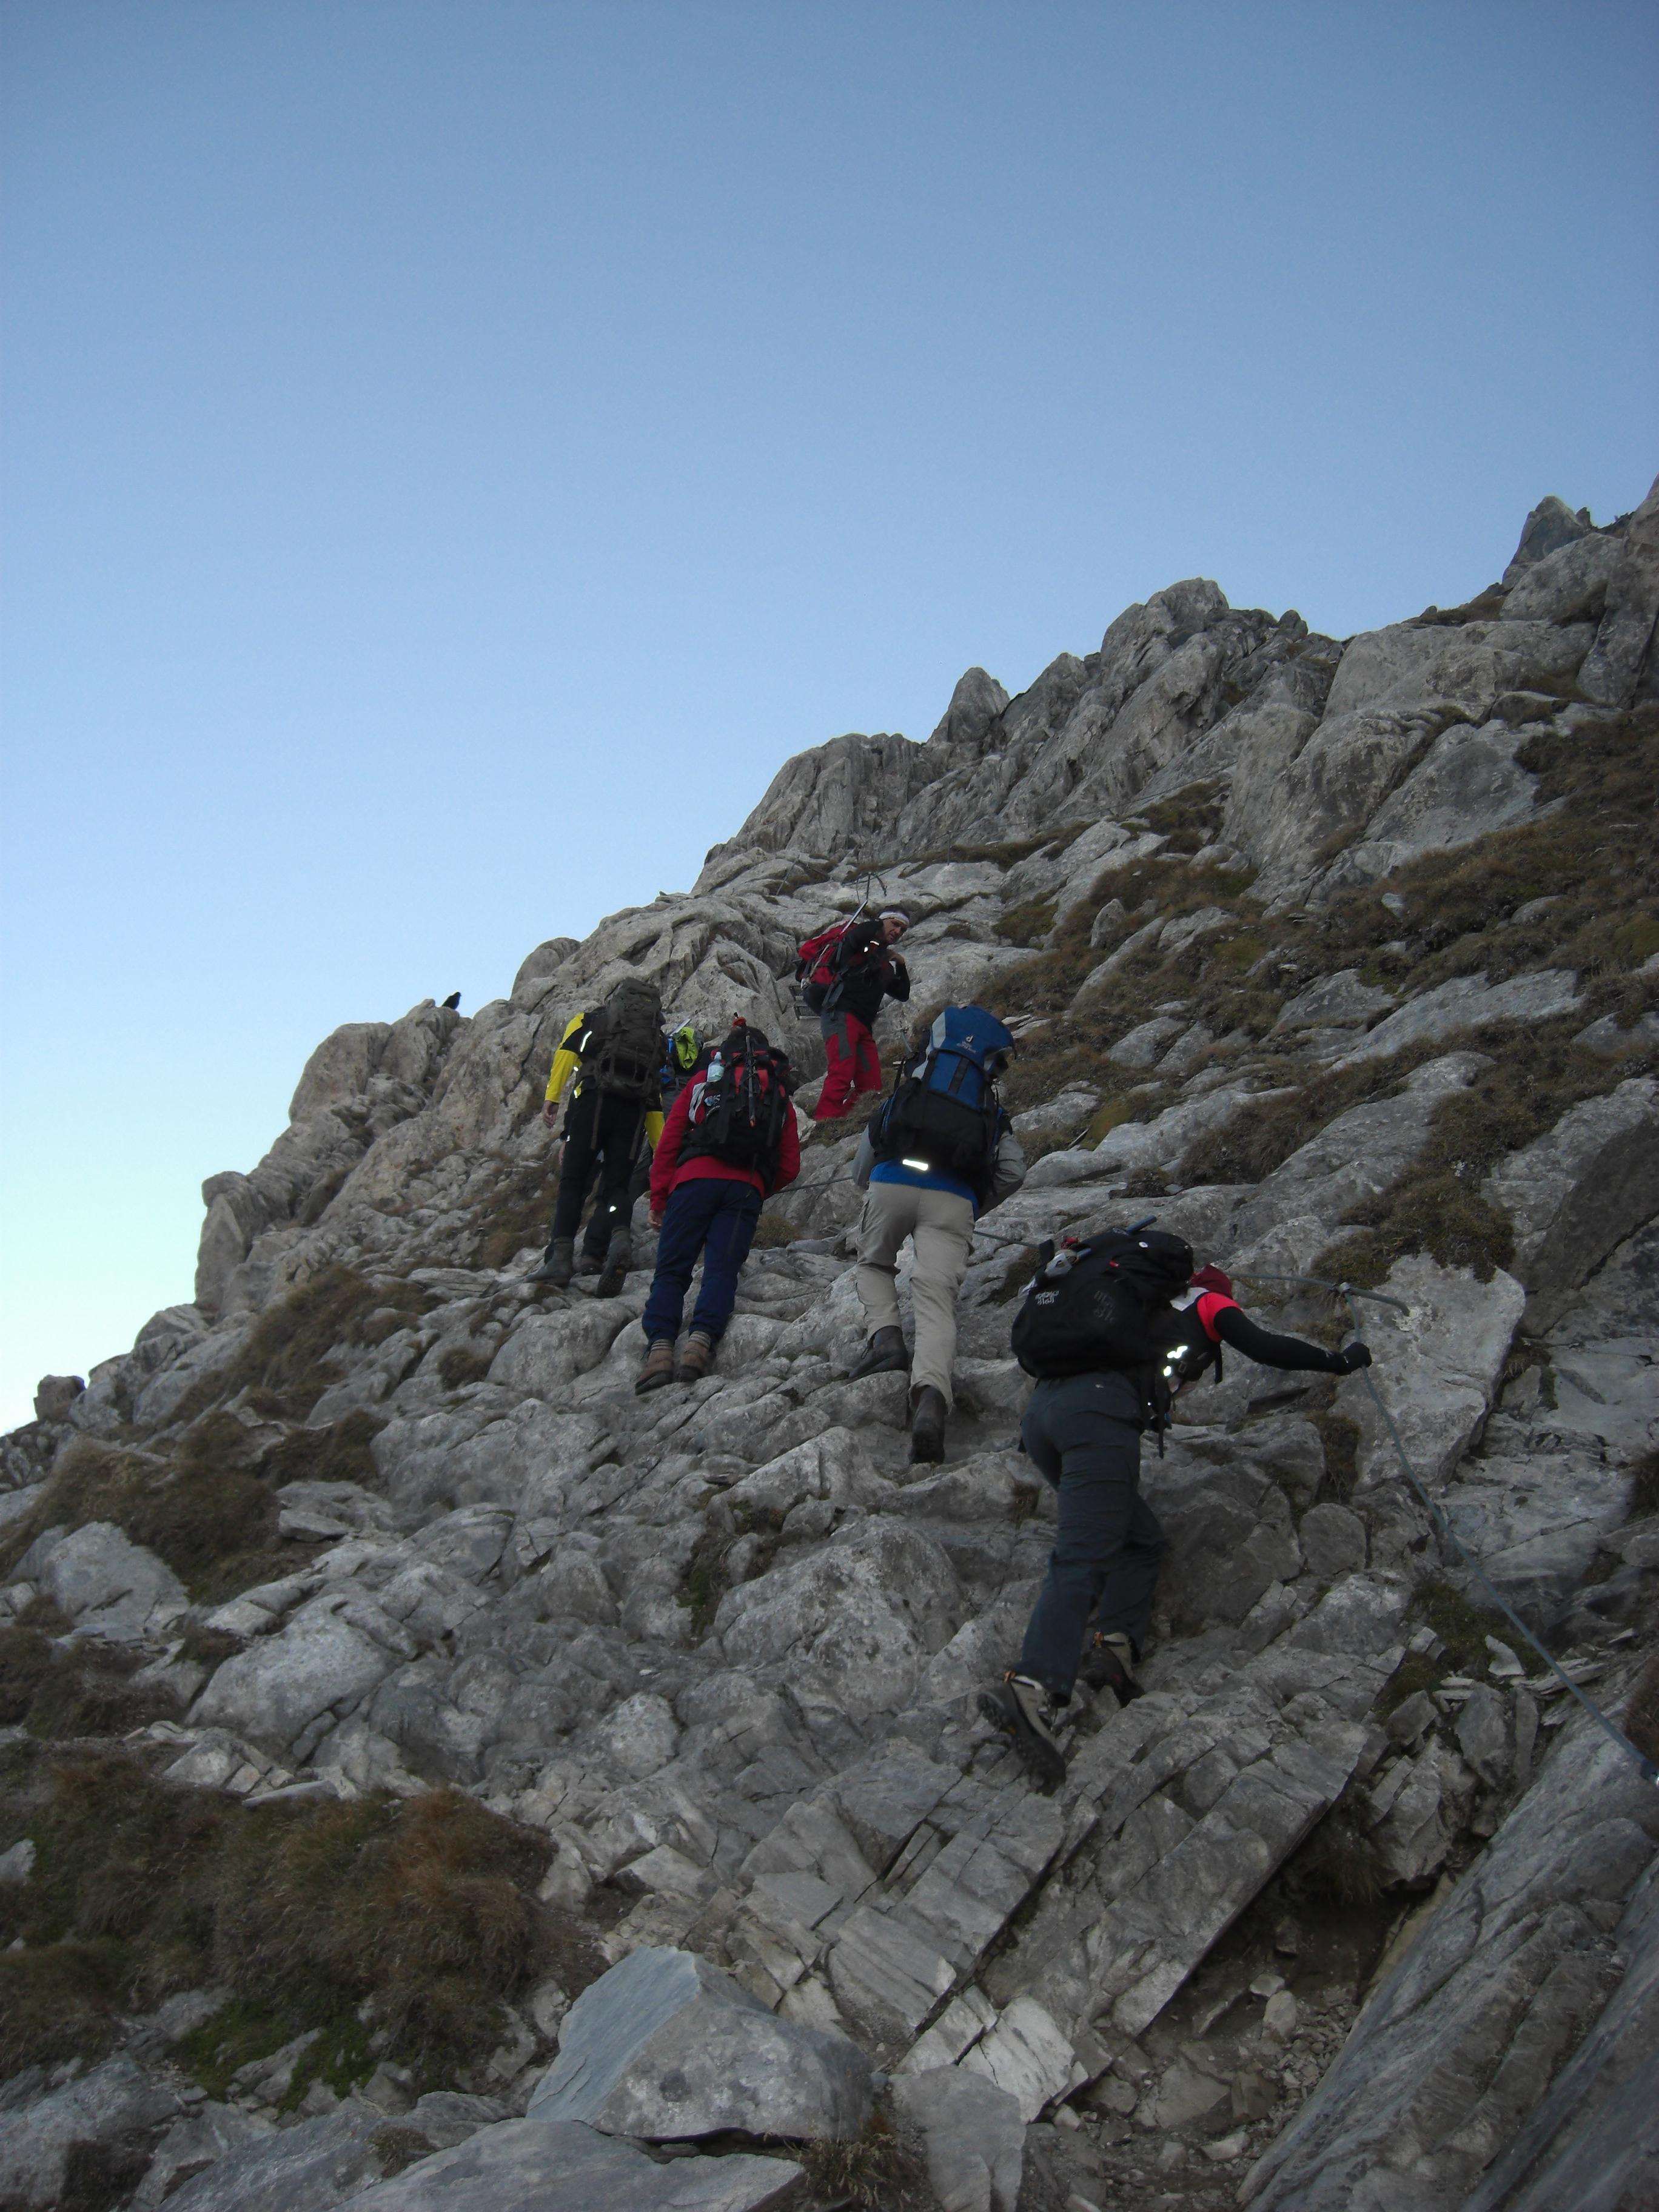 Am Weg zu den Seilsicherungen und einer kurzen Felsstufe